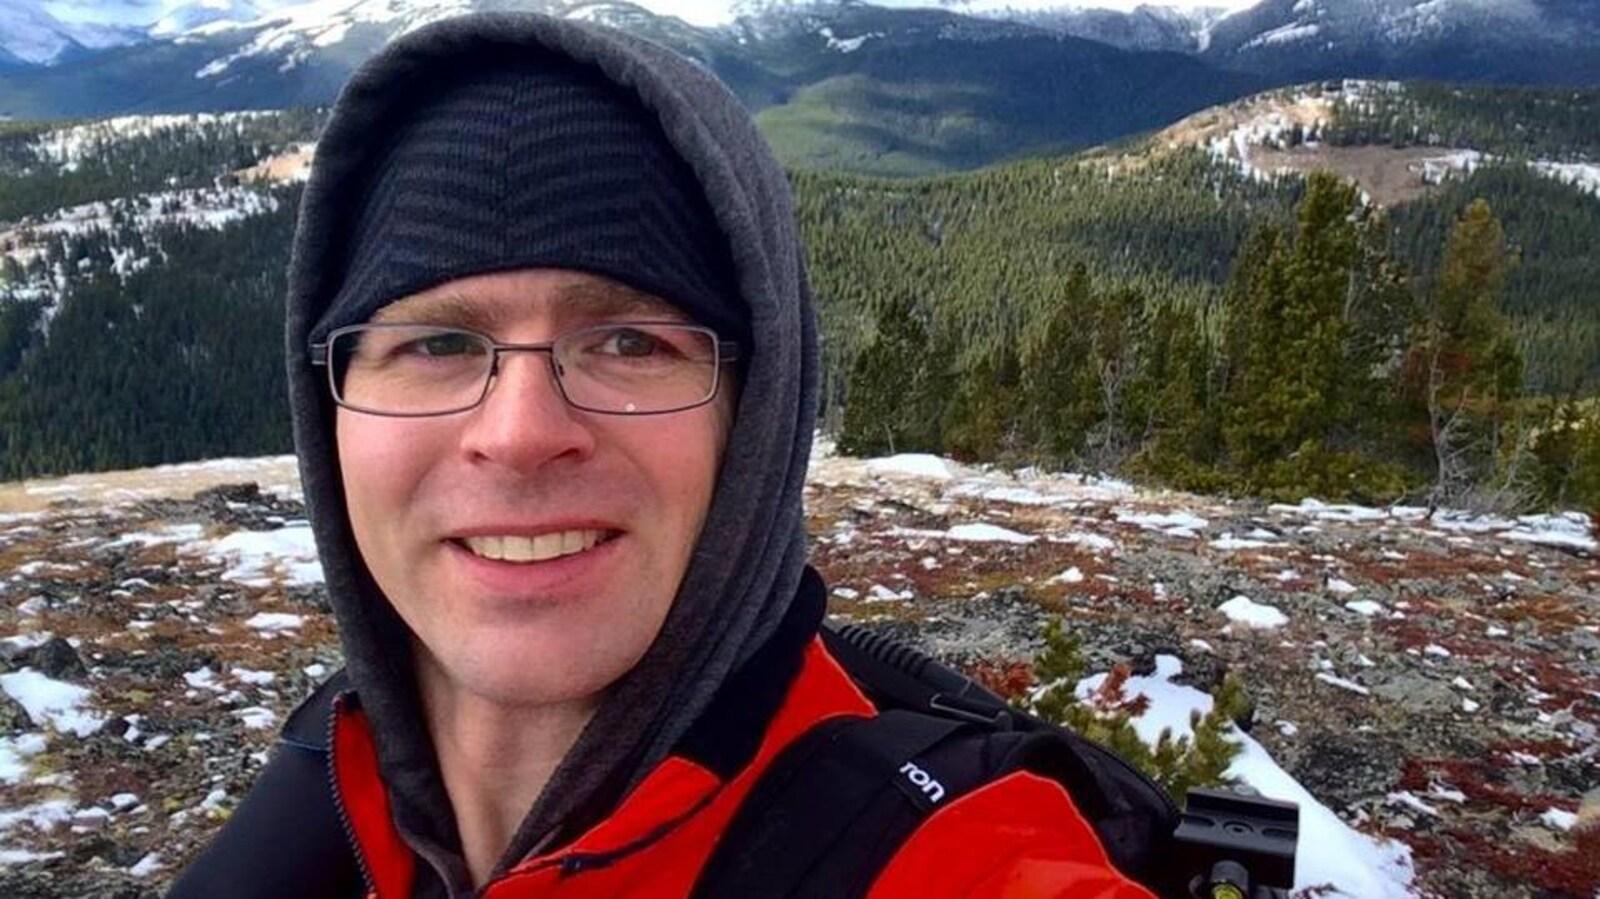 Plan serré du visage de Dwayne Schnell habillé pour la randonnée avec en arrière-plan des montagnes et une forêt en hiver.